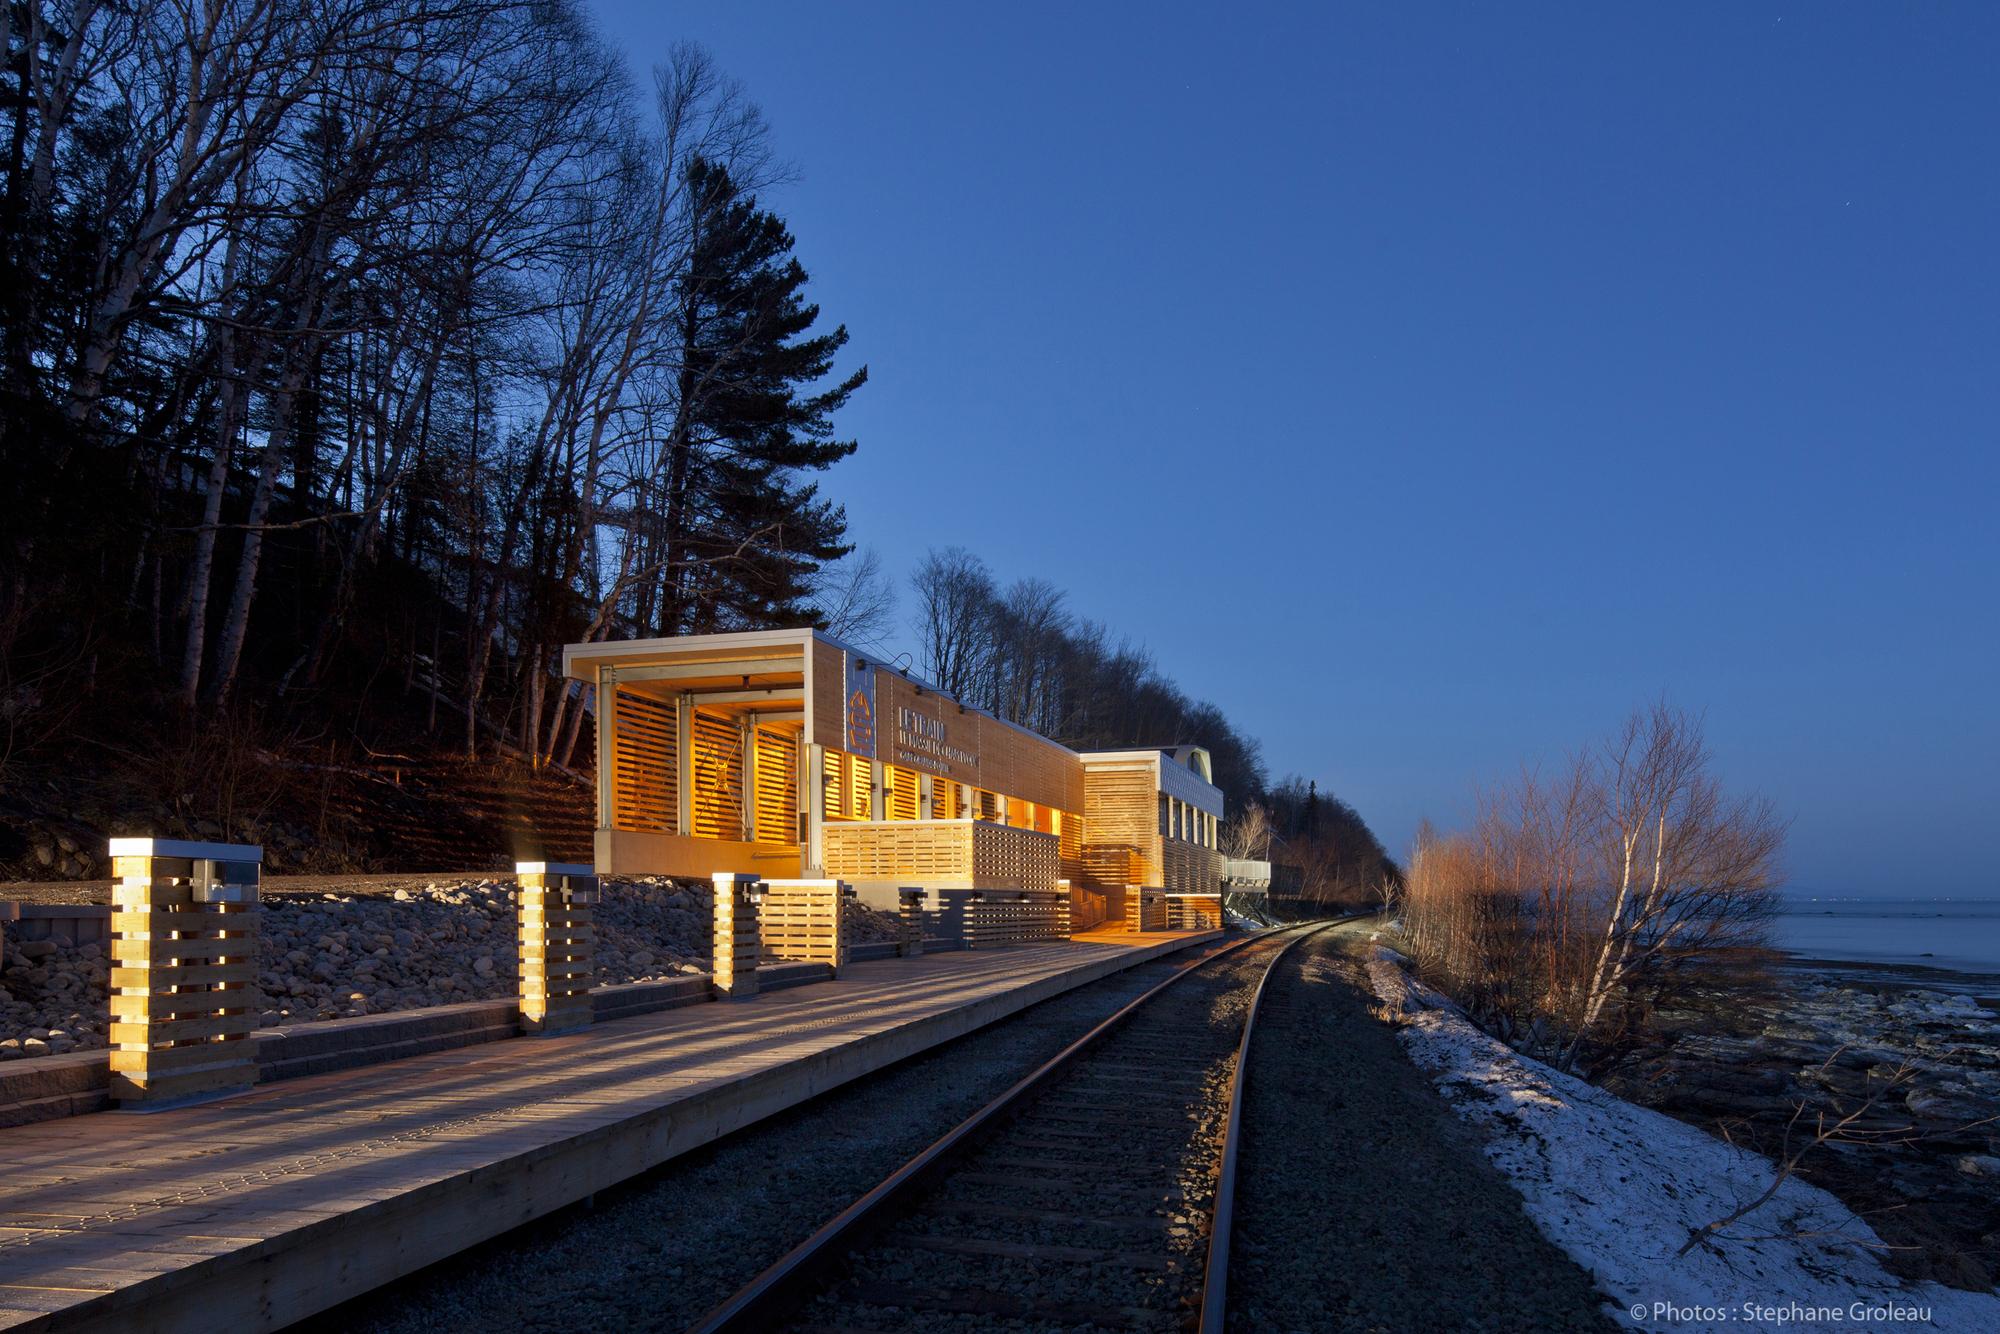 Estação de comboios Le Massif de Charlevoix / STGM Architectes, © Stéphane Groleau